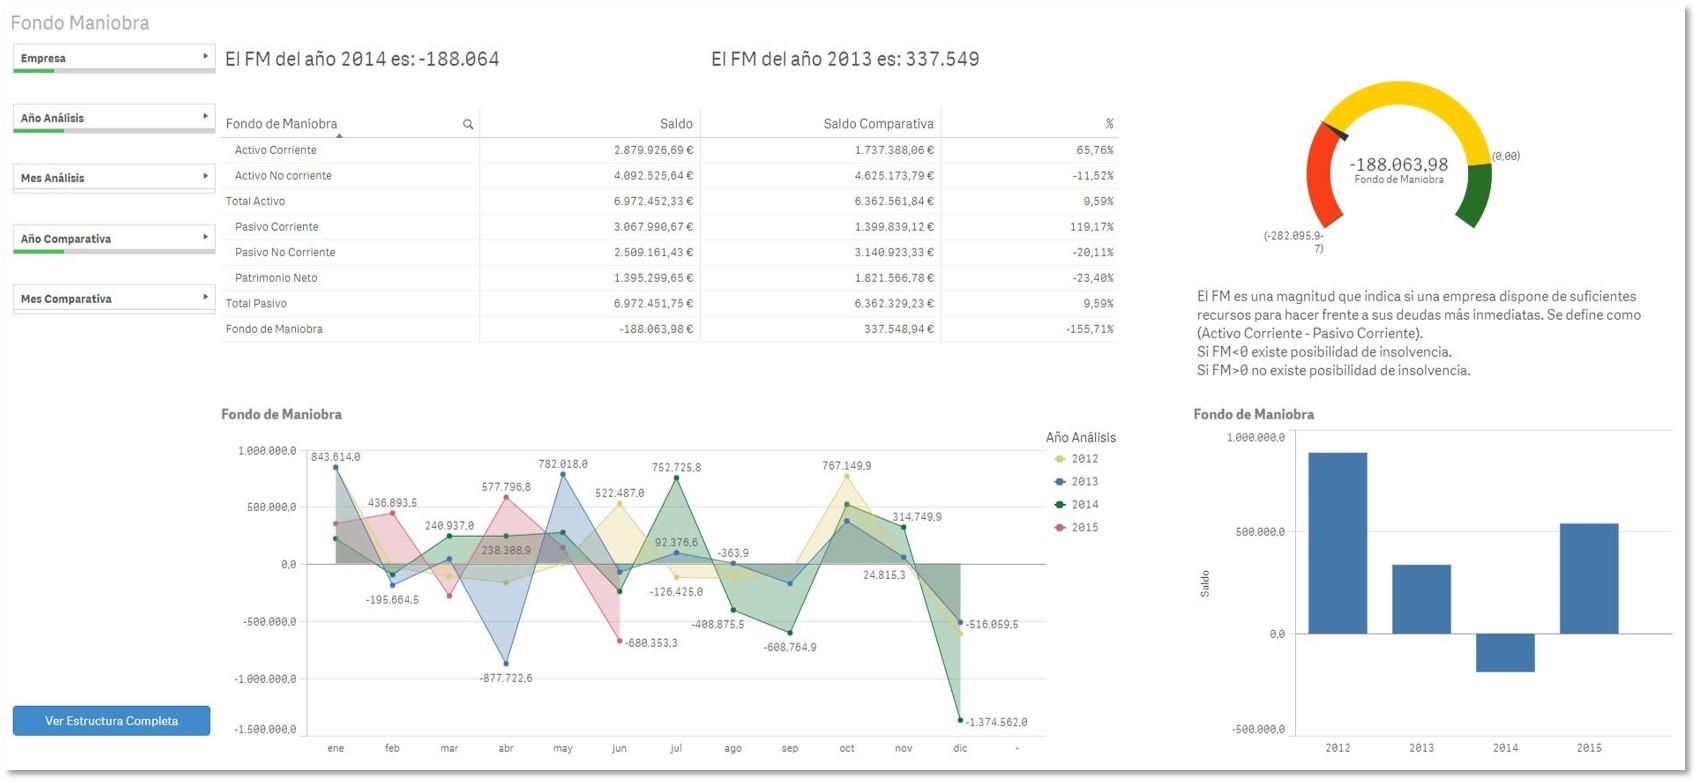 Ratios financieros Fondo de Maniobra